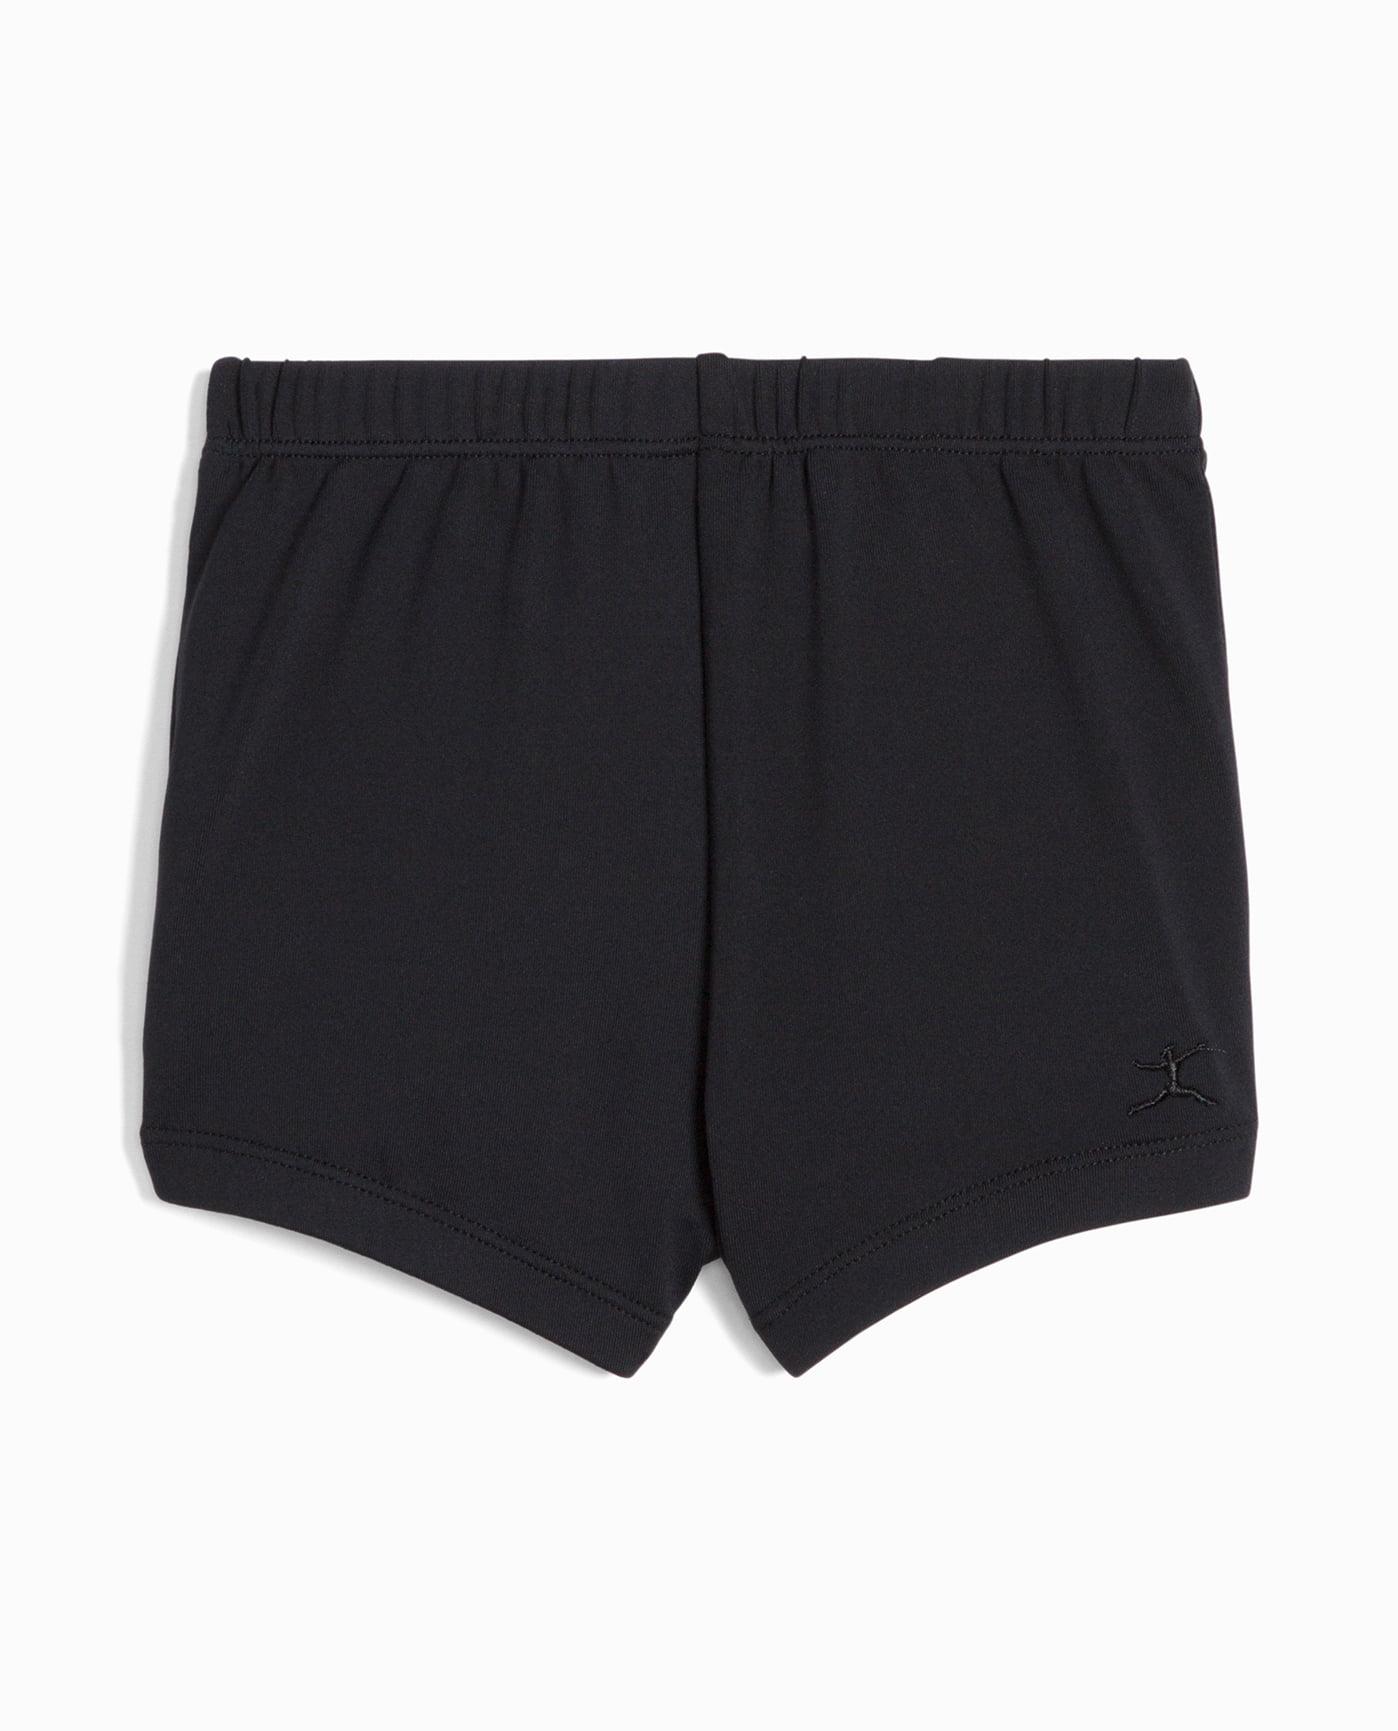 Danskin Womens Boy-Cut Short